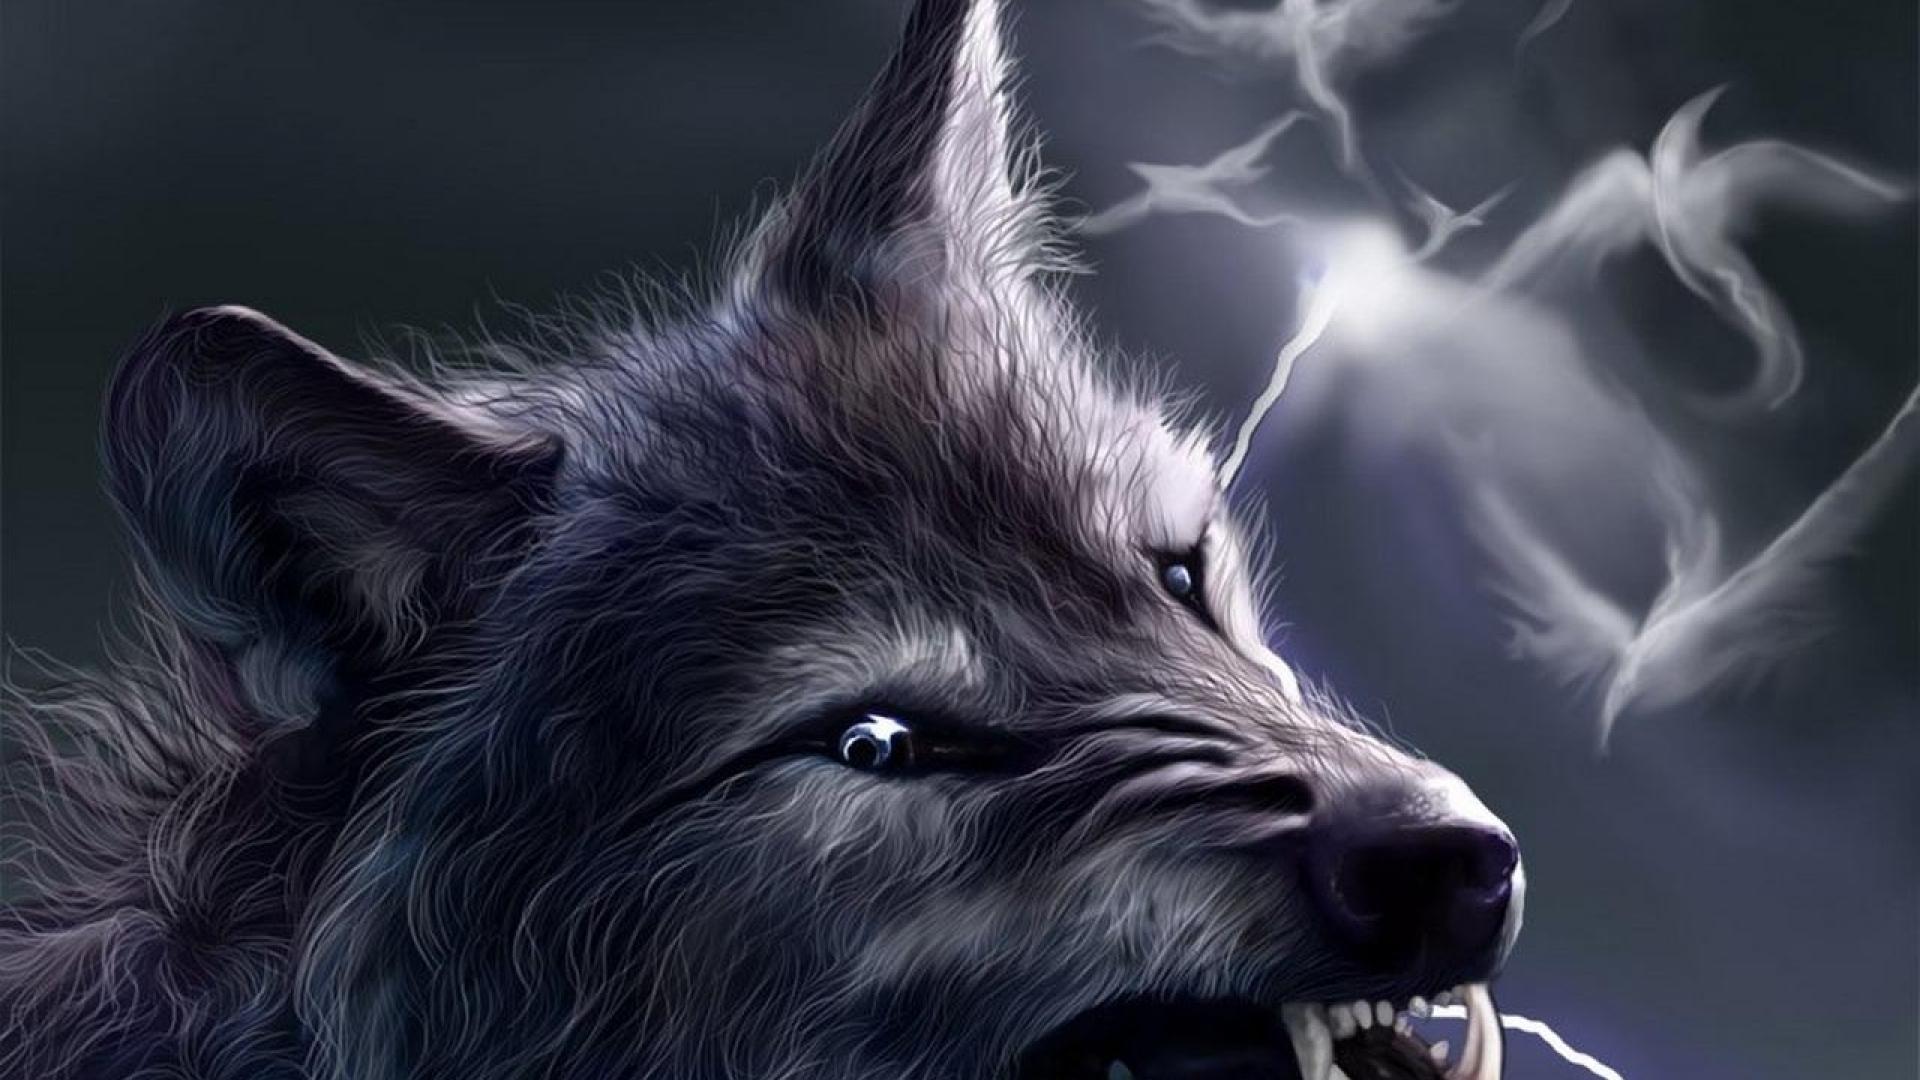 серый волк, фото, скачтаь фото